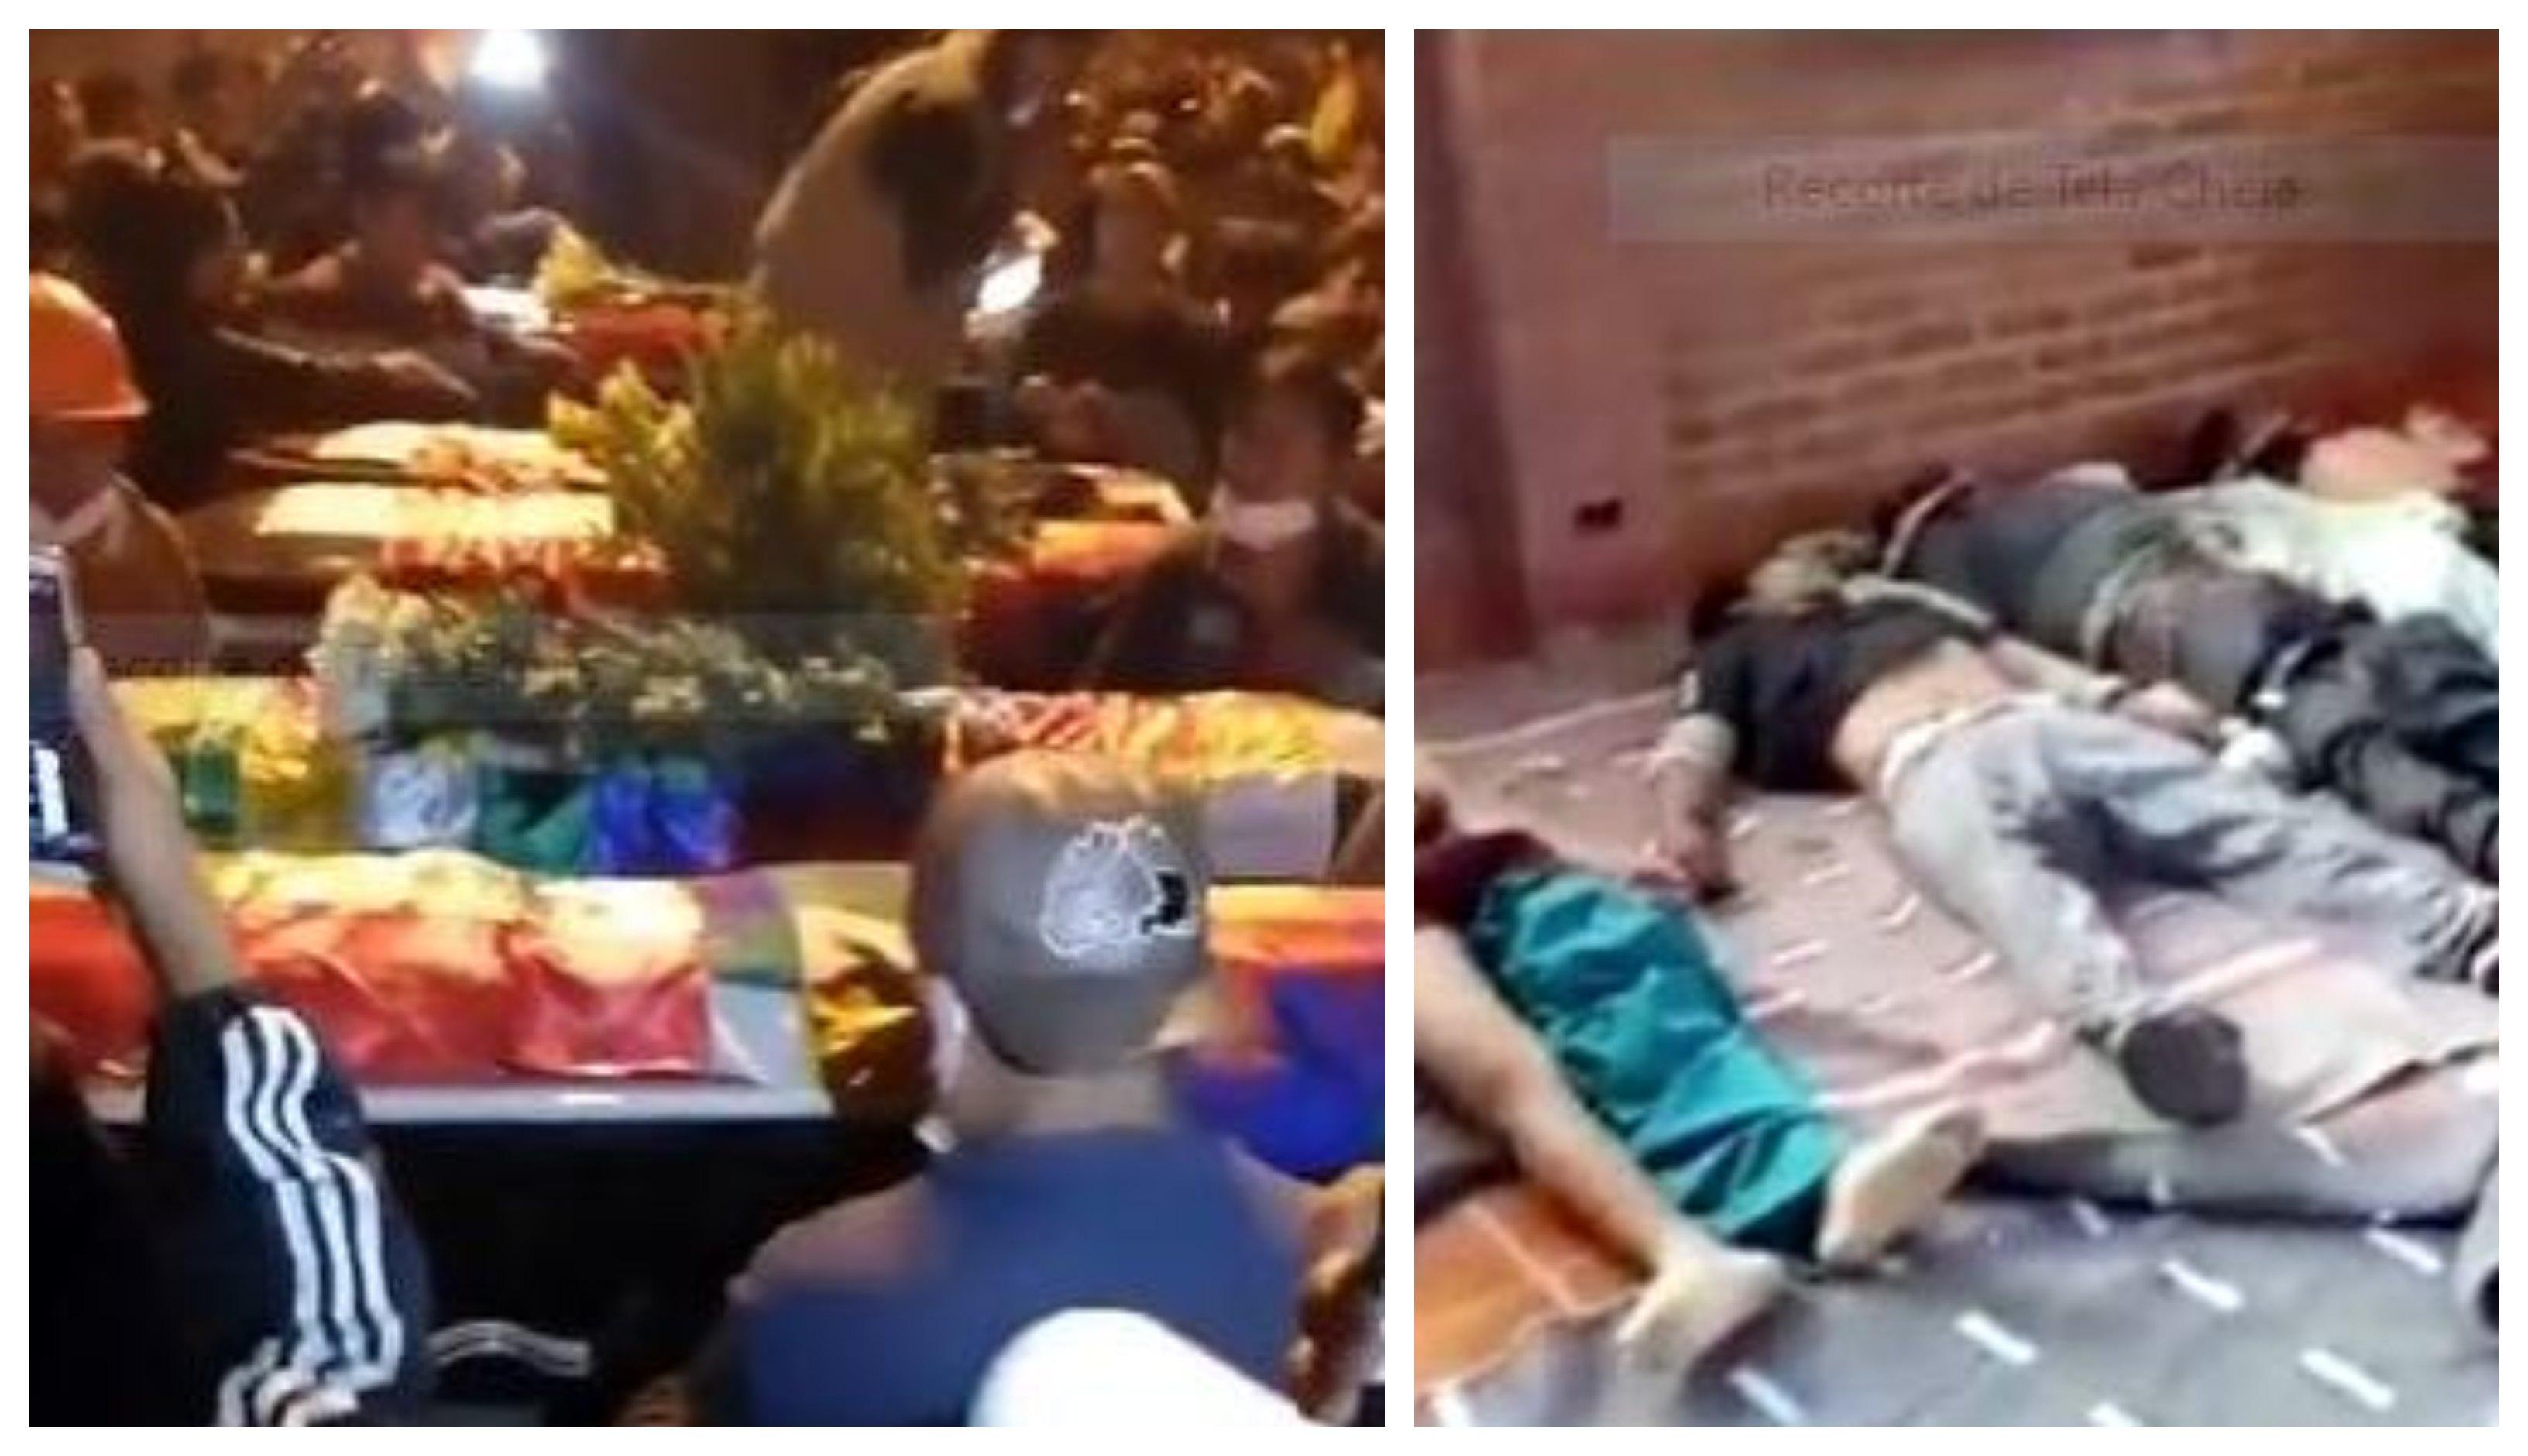 Diário do Golpe: Camponeses indígenas enterram seus mortos pela ditadura boliviana em Sacaba/Cochabamba; vídeos